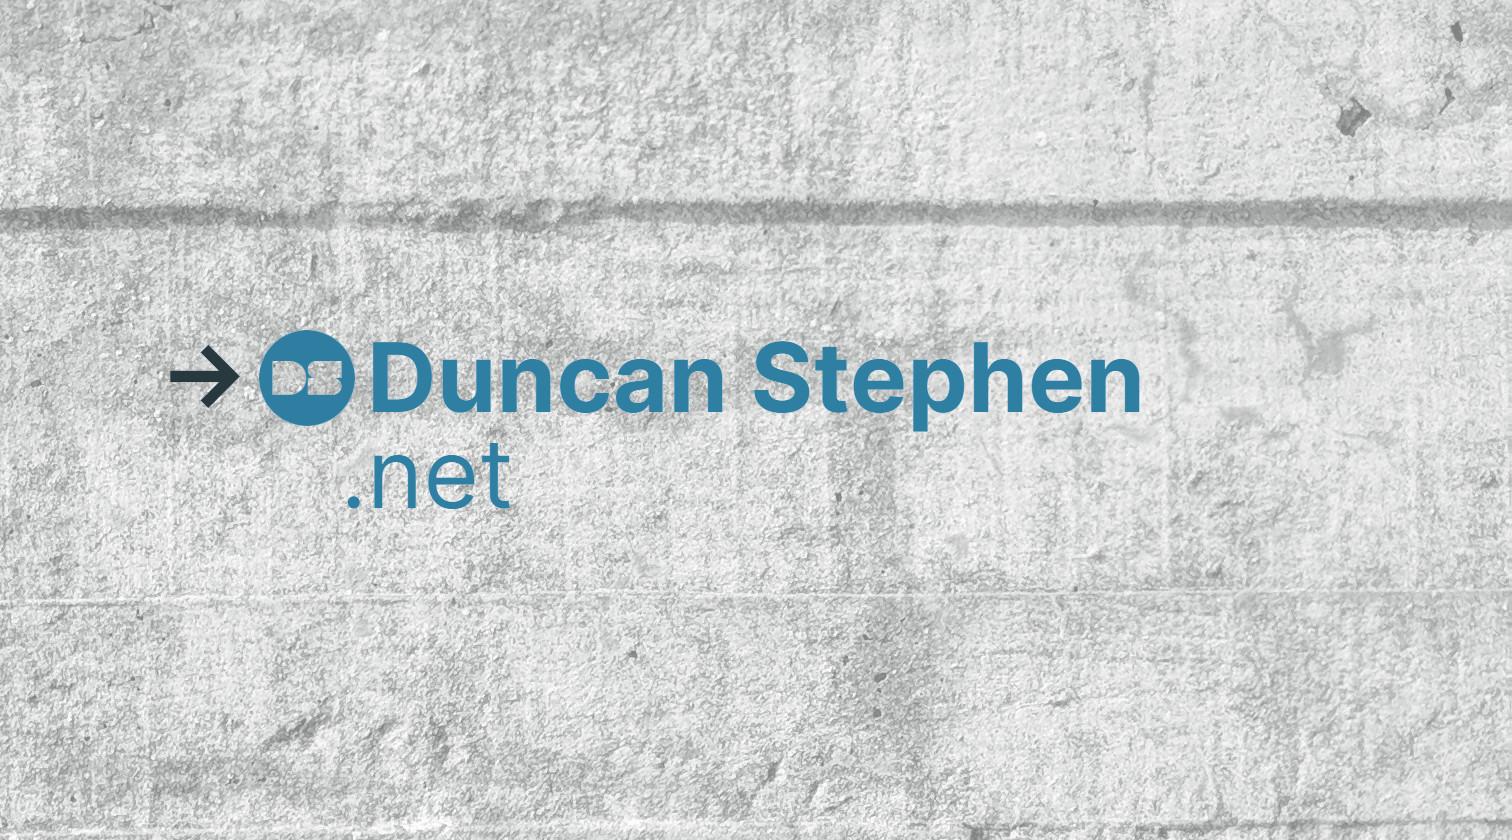 Duncan Stephen .net branding